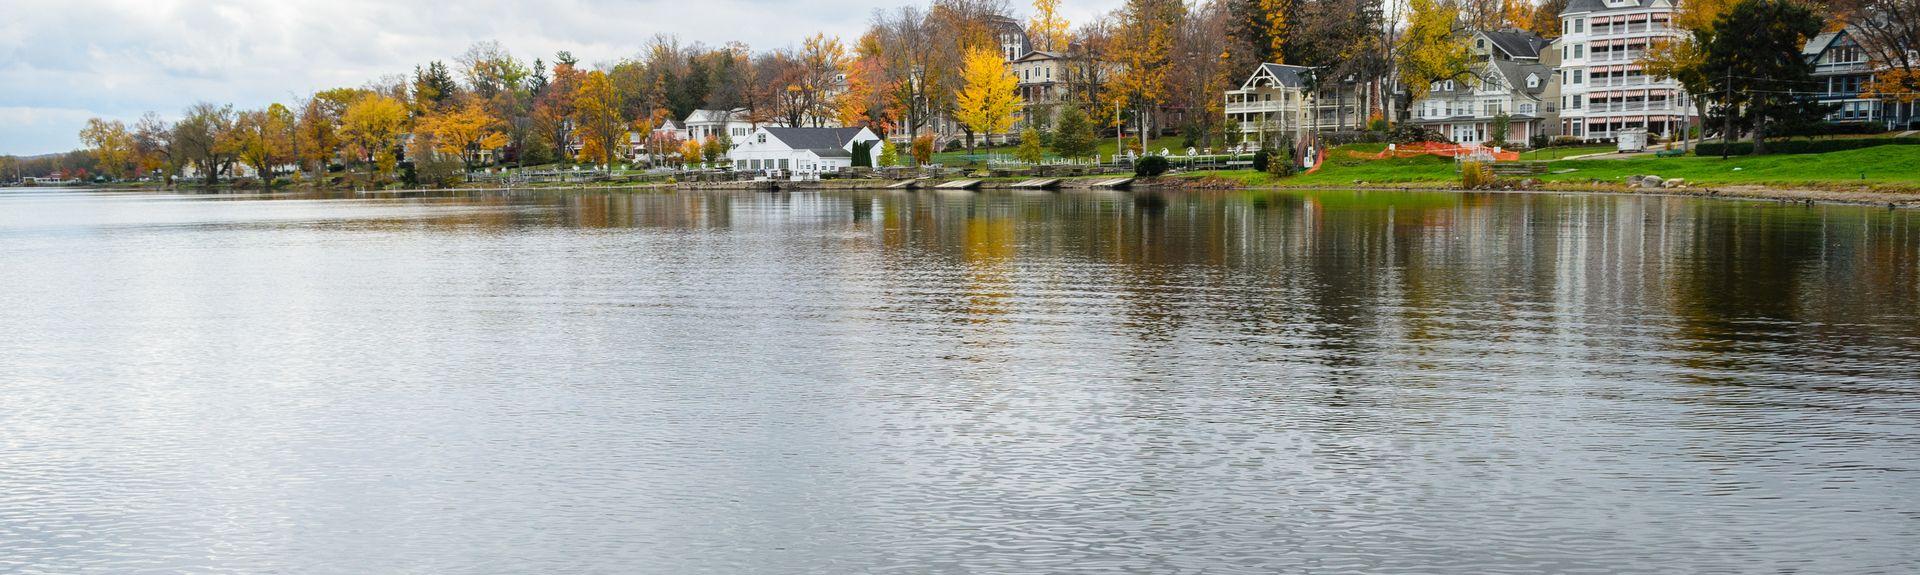 Town of Chautauqua, NY, USA